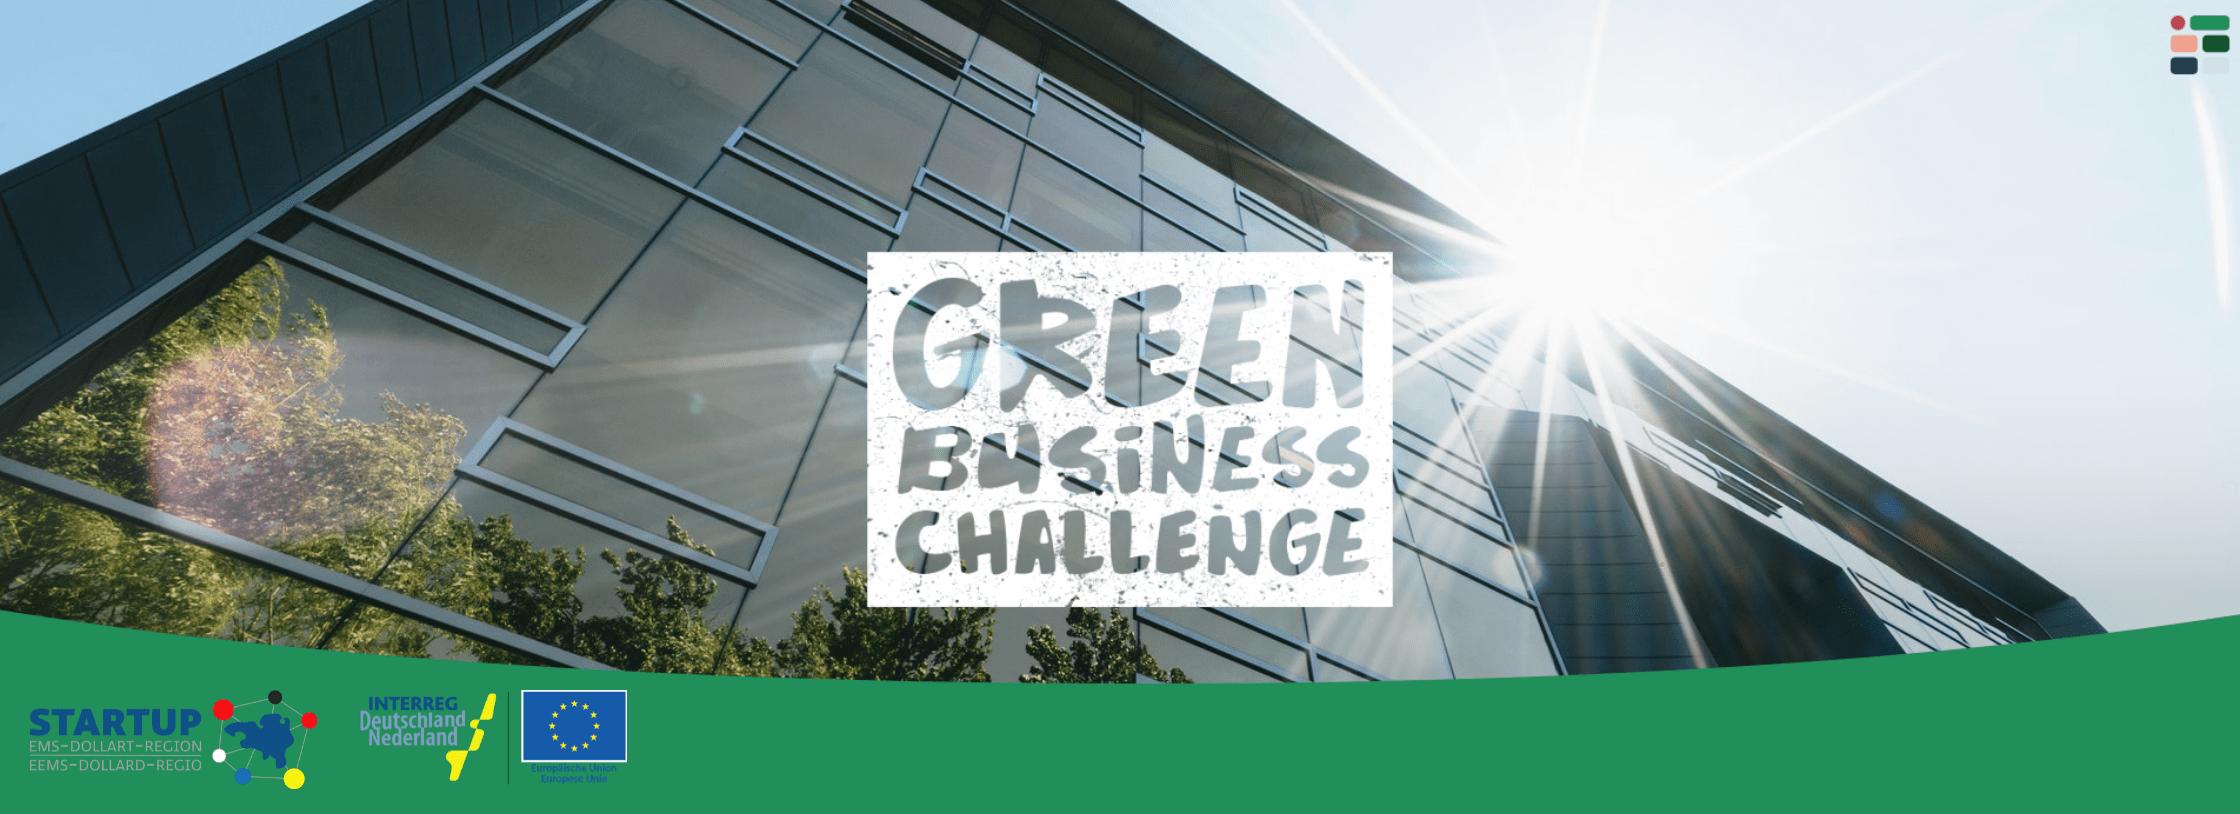 De uitdaging voor groen ondernemen